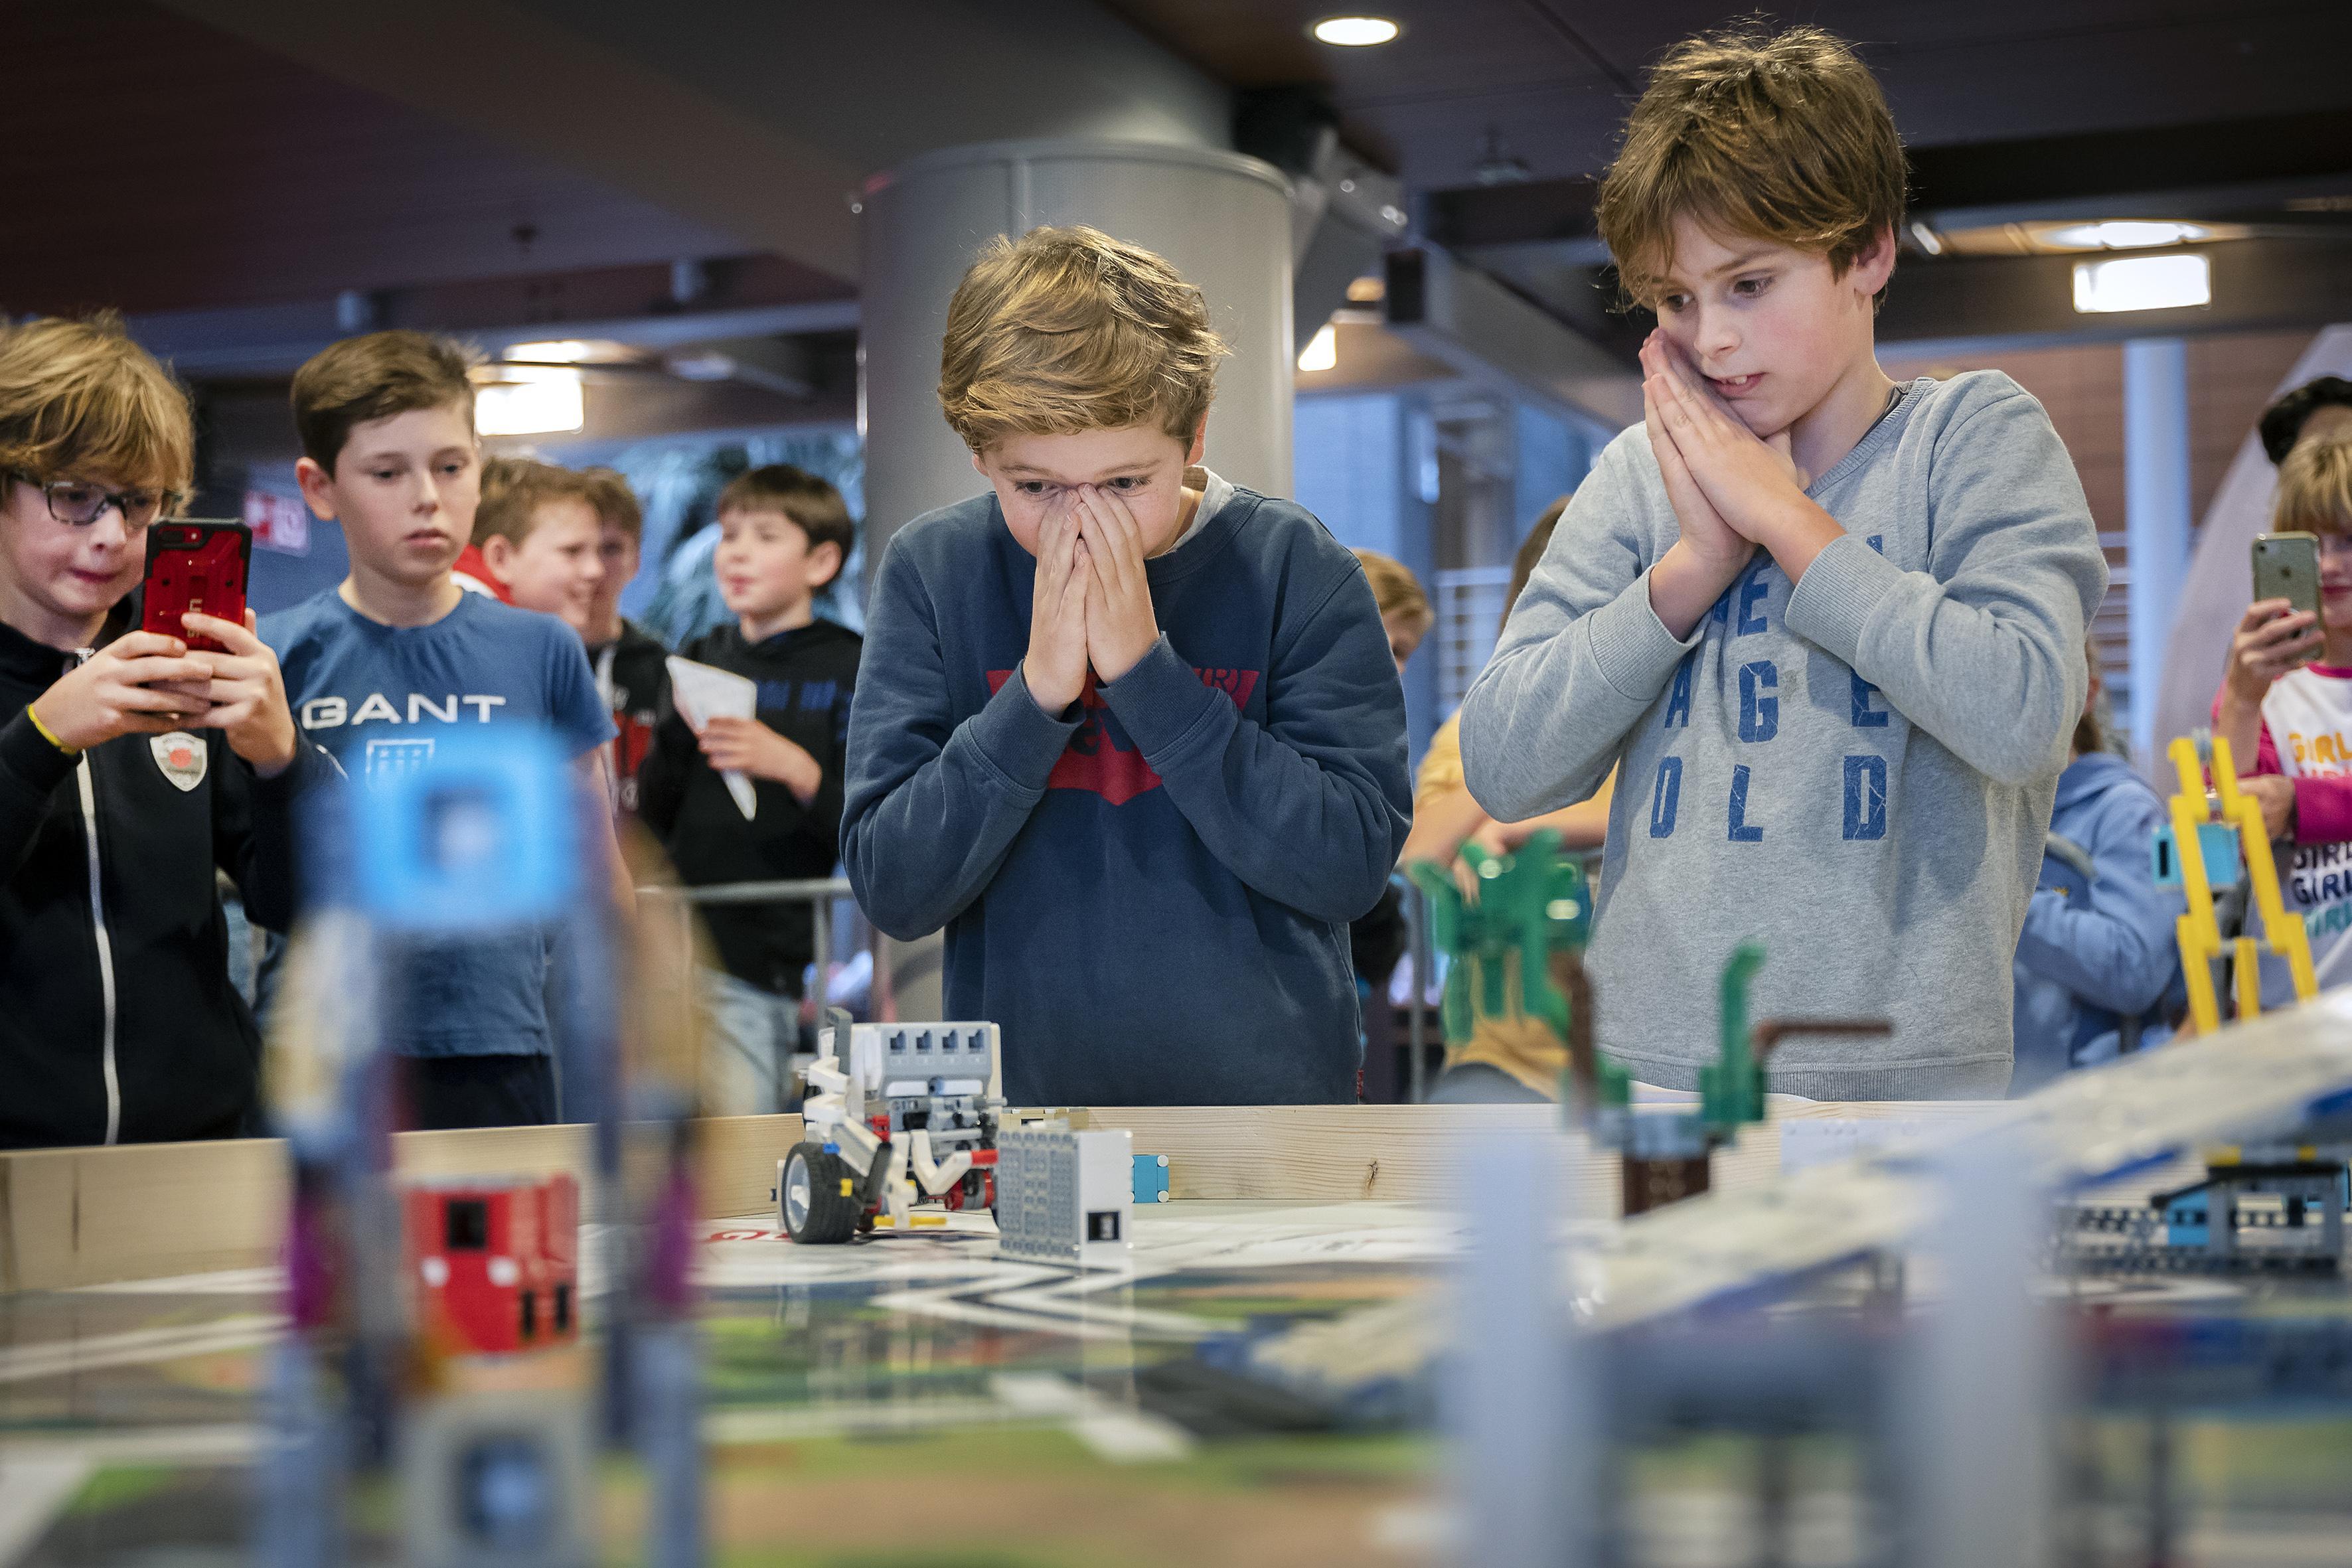 Juichen voor robots in de Lego League bij Inholland Haarlem